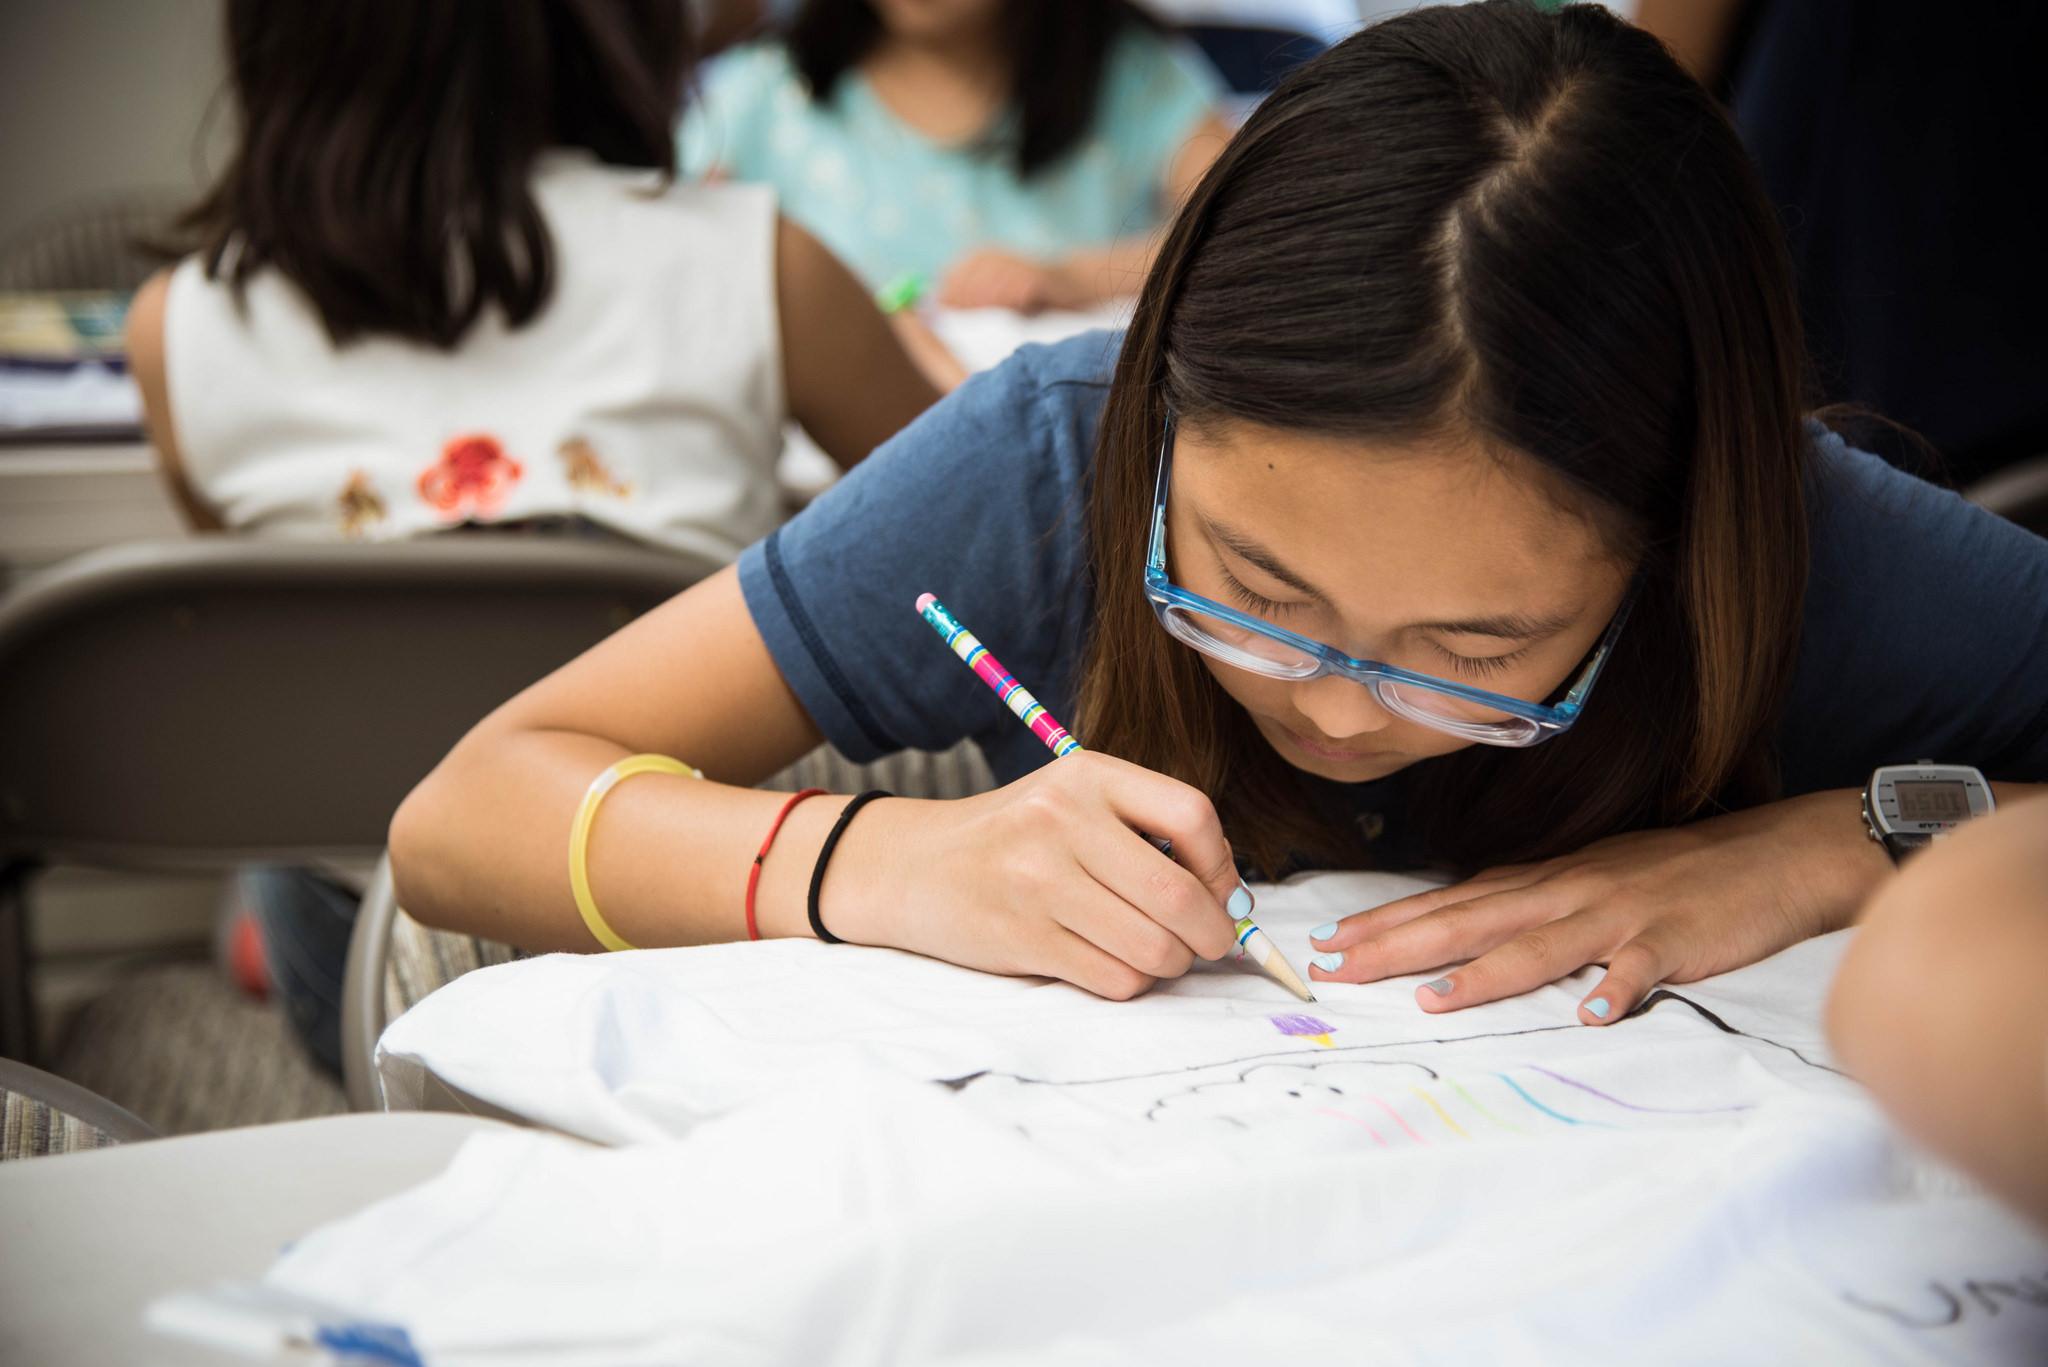 한글학교 - 참된한글학교는 하나님이 허락하신 고유 언어인 한글 교육을 통해 인격과 성품을 쌓아가는 시간입니다.More info →